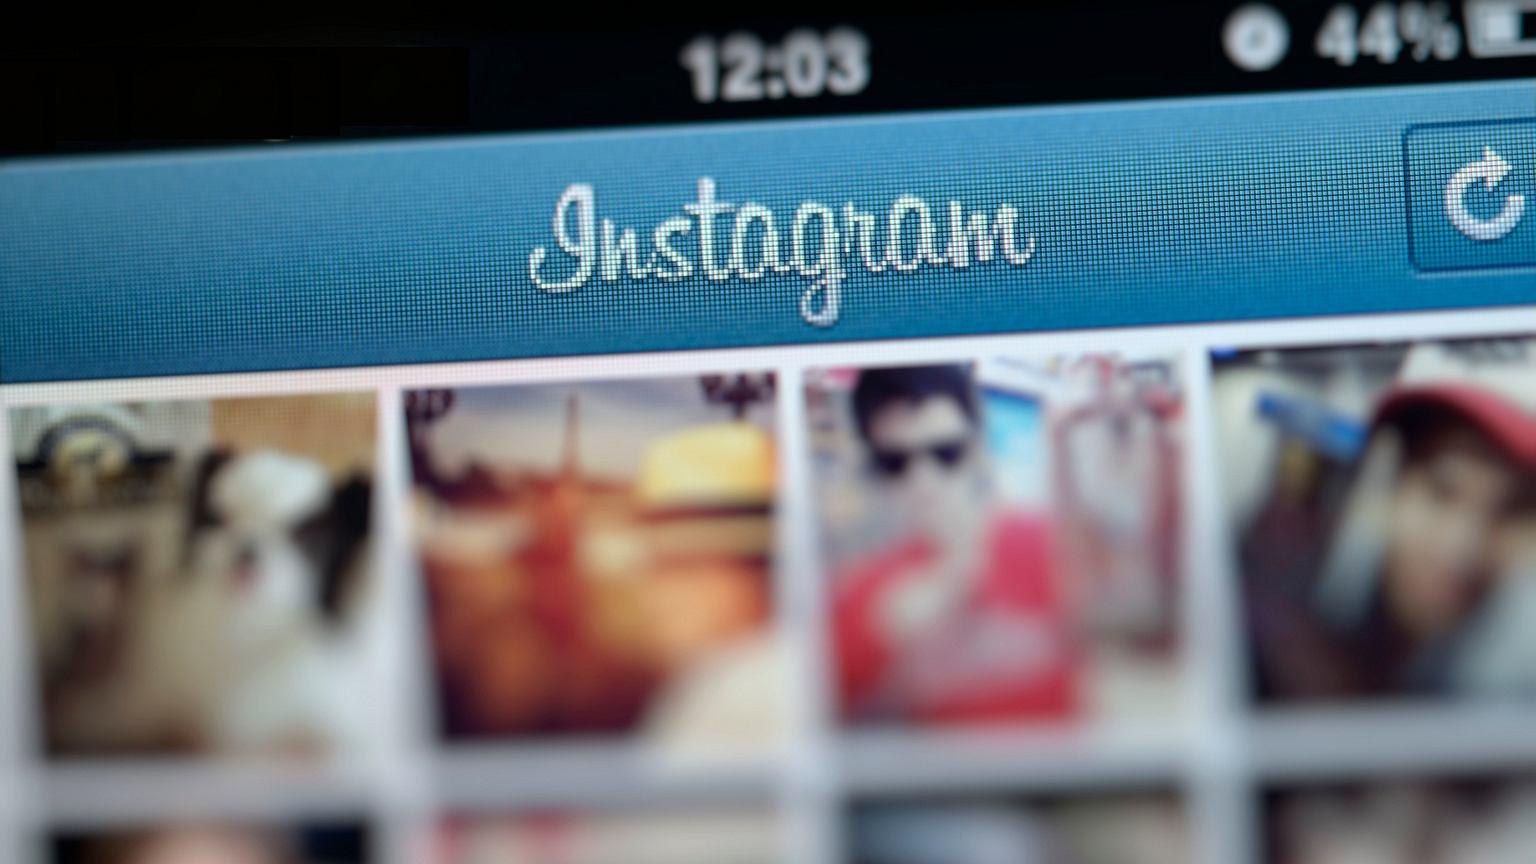 Media społecznościowe, zwłaszcza Instagram, są bardziej uzależniające od papierosów i alkoholu